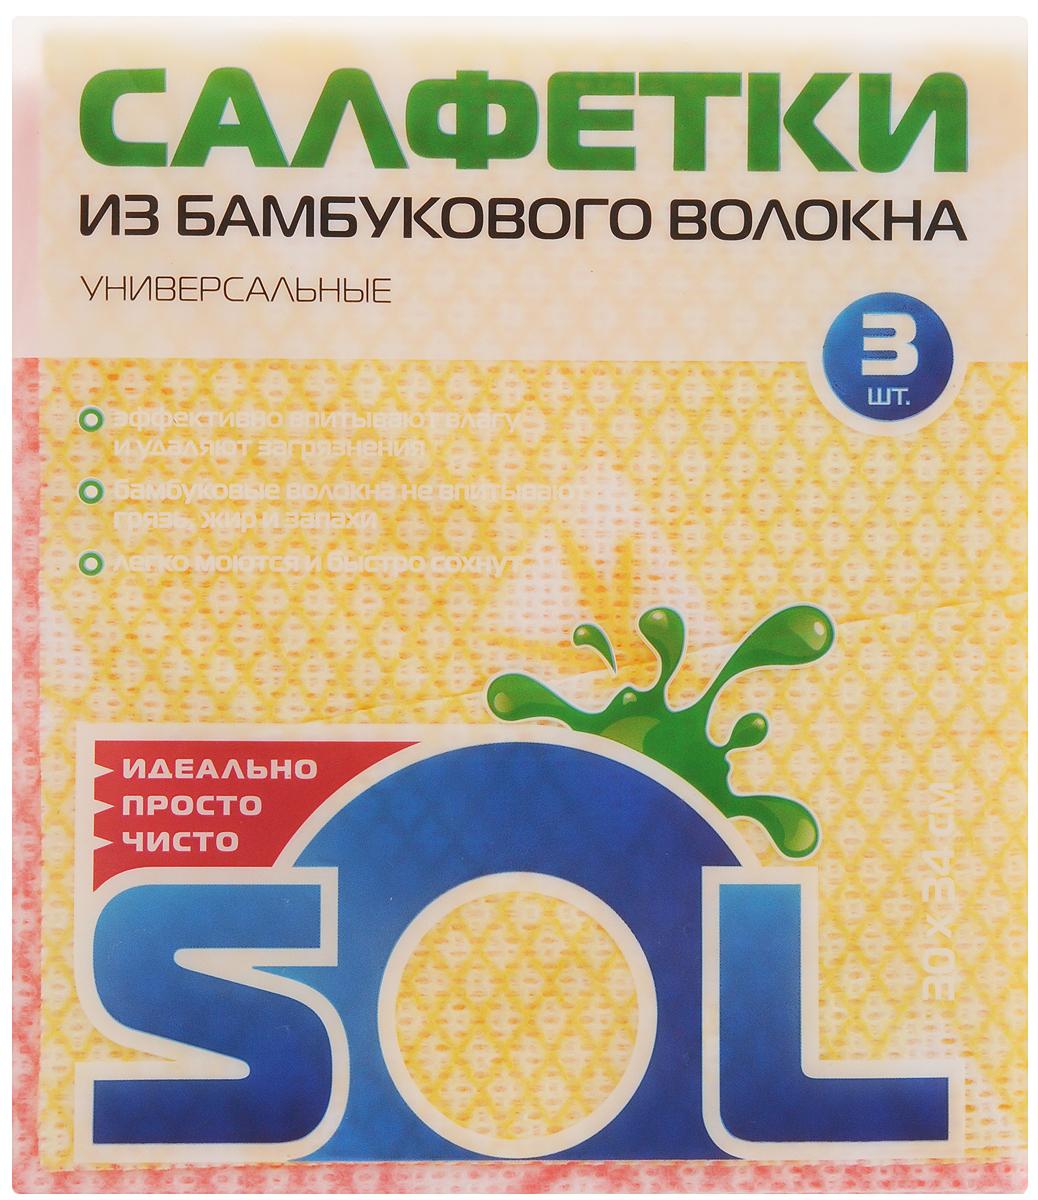 Салфетка для уборки Sol, из бамбукового волокна, цвет: розовый, желтый, 30 x 34 см, 3 шт10001/70007_розовый, желтыйСалфетки Sol, выполненные из бамбукового волокна, вискозы и полиэстера, предназначены для уборки. Бамбуковое волокно - экологичный и безопасный для здоровья человека материал, не содержащий в своем составе никаких химических добавок, синтетических материалов и примесей. Благодаря трубчатой структуре волокон, жир и грязь не впитываются в ткань, легко вымываются под струей водой.Рекомендации по уходу:Бамбуковые салфетки не требуют особого ухода. После каждого использования их рекомендуется промыть под струей воды и просушить. Не рекомендуется сушить салфетки на батарее.Размер салфетки: 30 х 34 см.